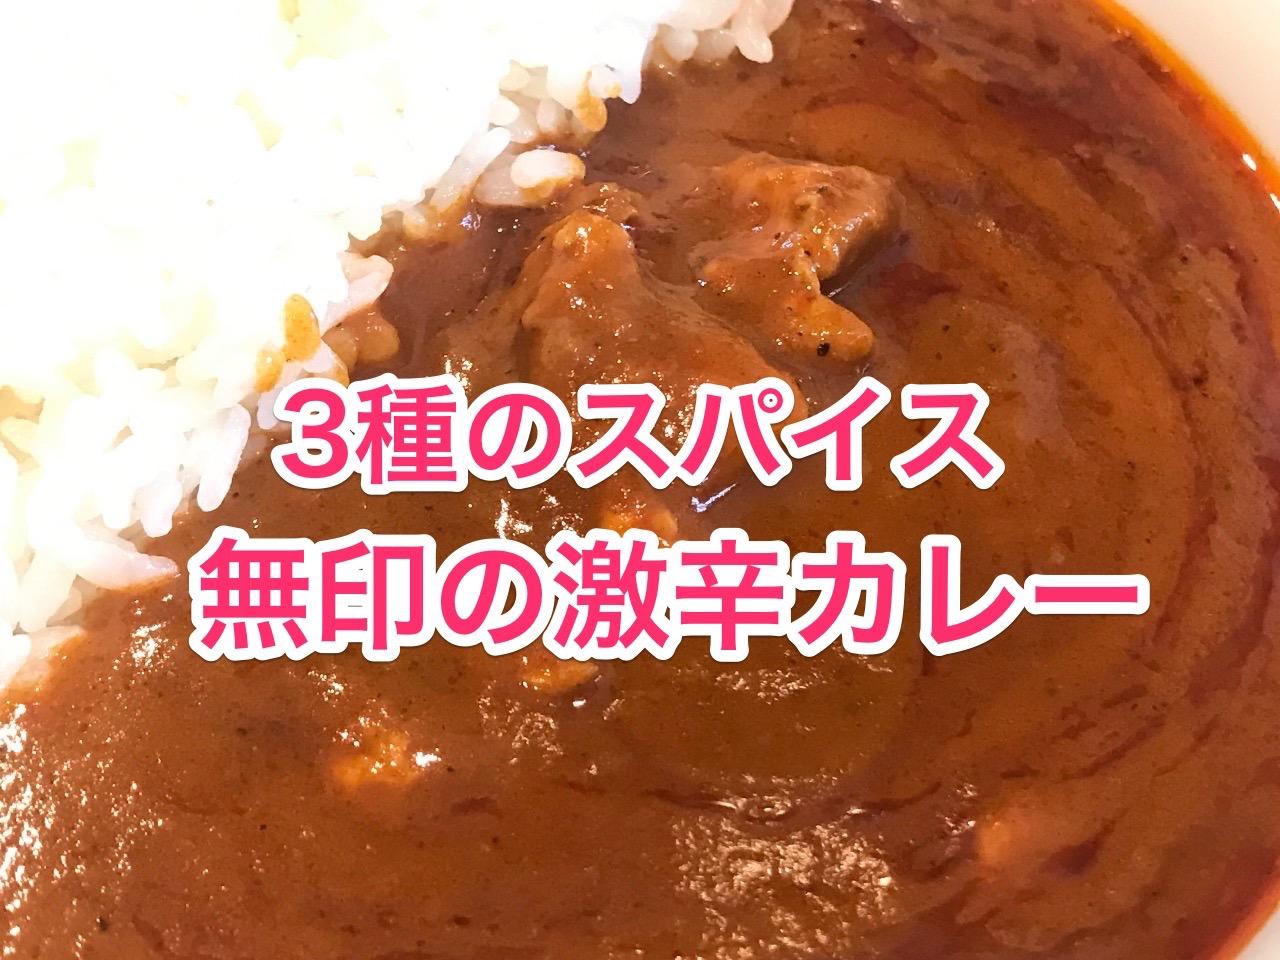 無印良品 3種の唐辛子とチキン 激辛カレー 01